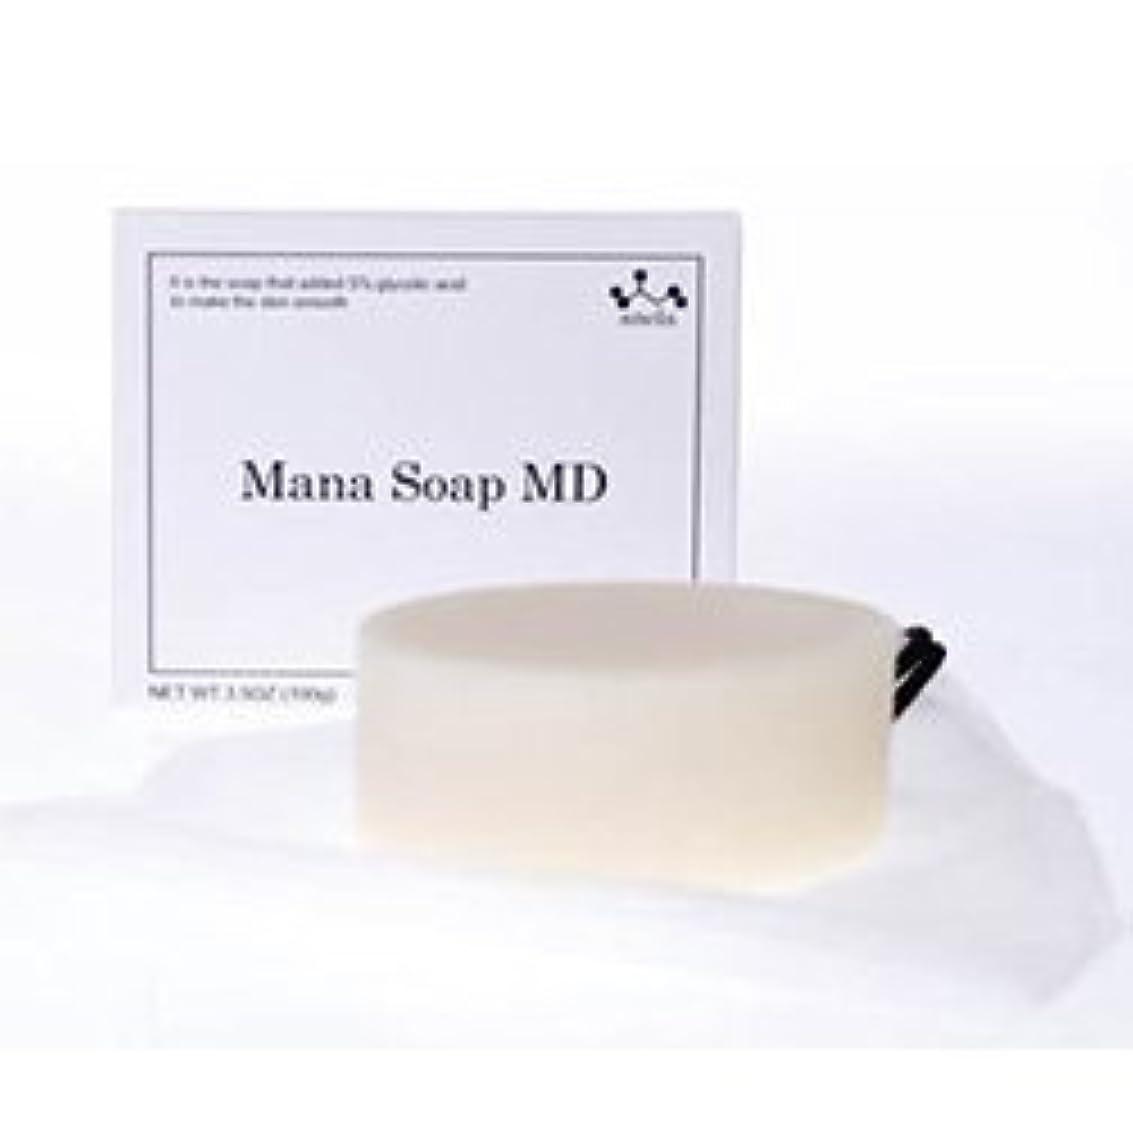 はっきりしない南東山積みの【ニキビ?乾燥?敏感】マナソープMD5 乾燥するけどニキビができるという方におすすめ! プラセンタ配合の無添加ピーリング石鹸 (5%)